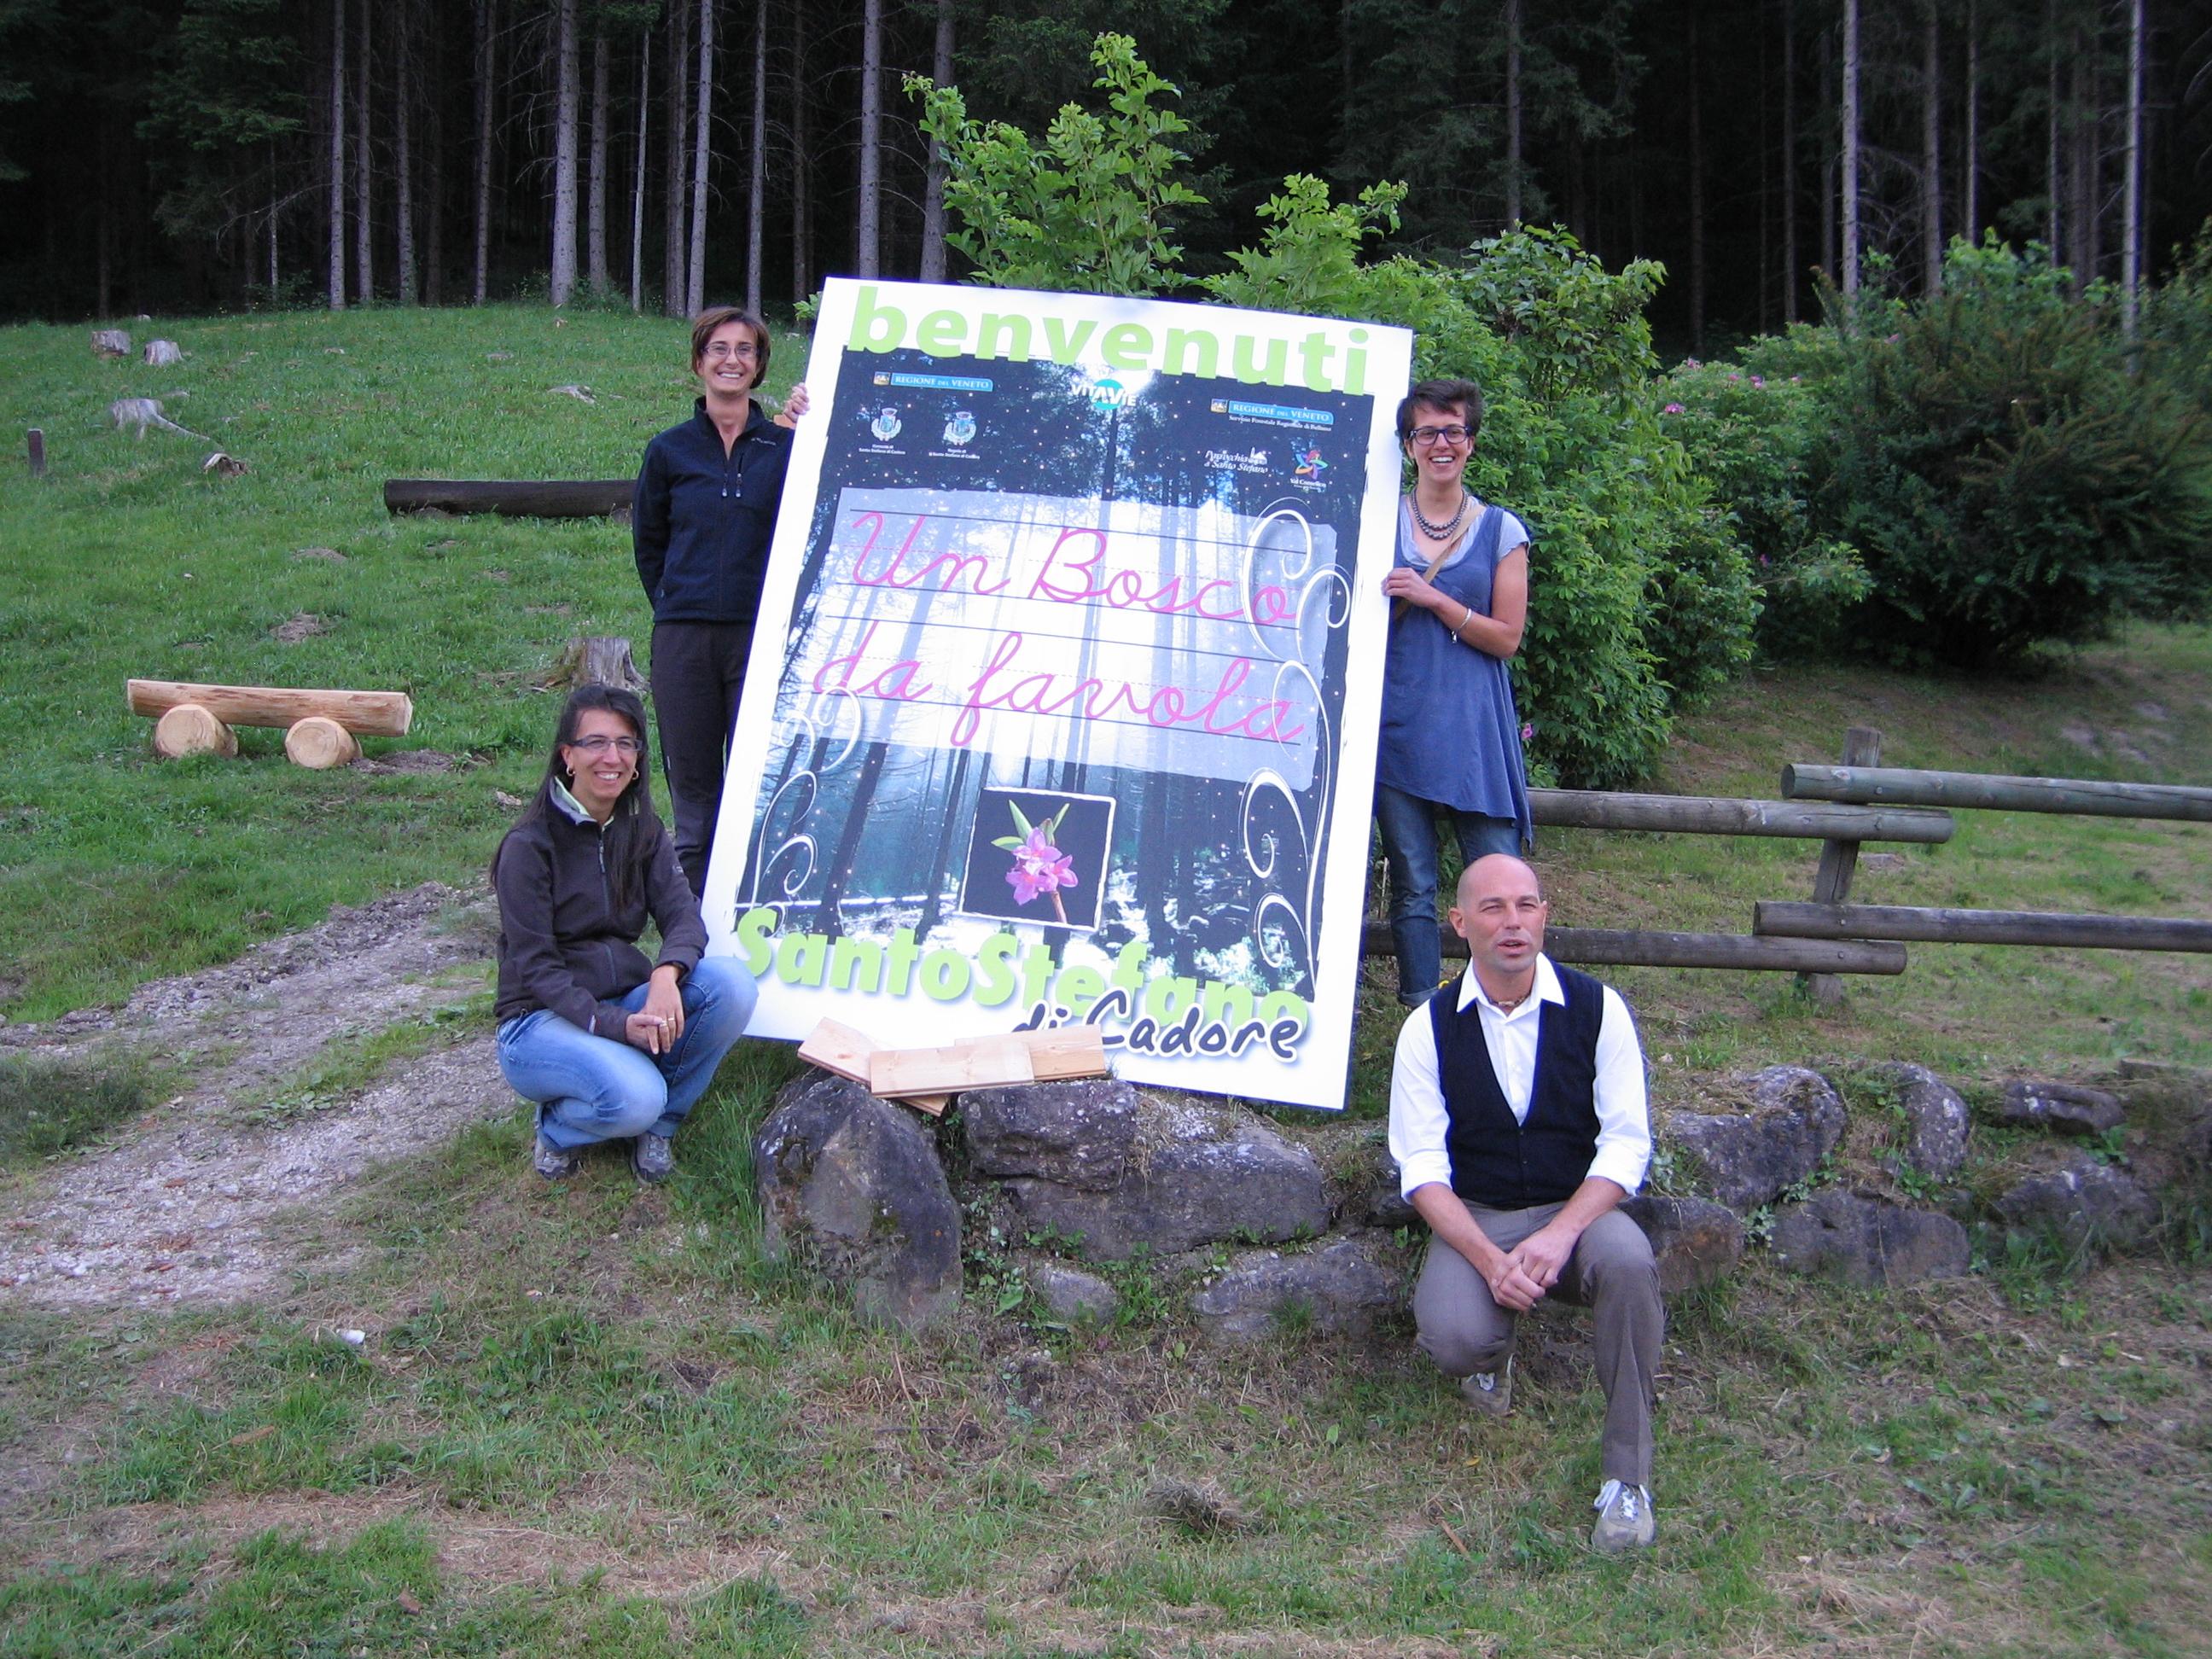 Un Bosco Da Favola 2-7-2011 (1)